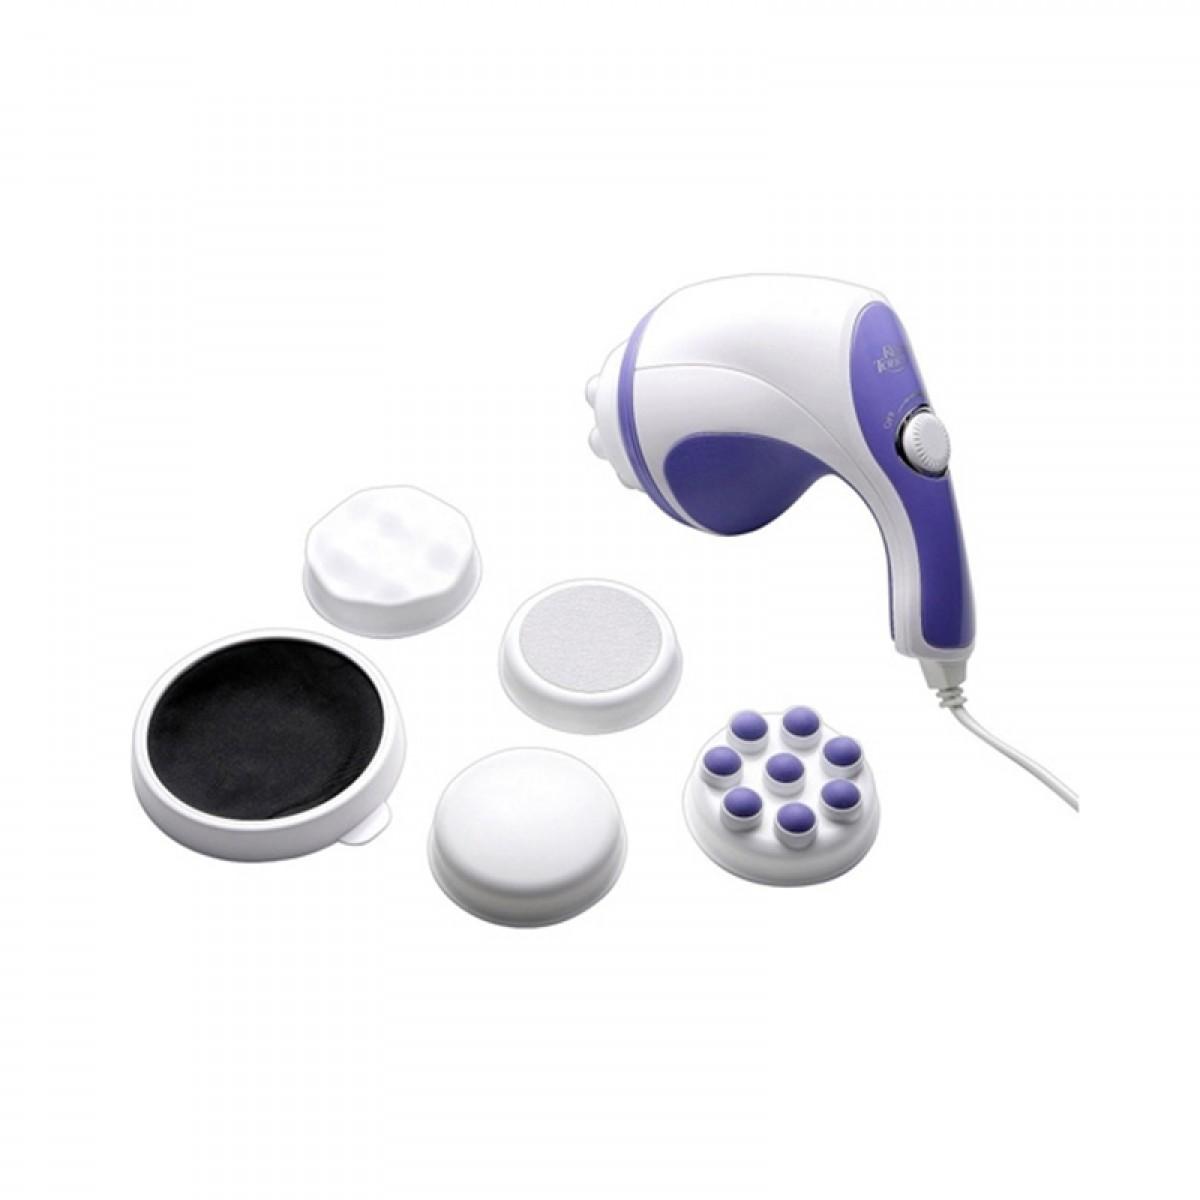 Συσκευή μασάζ-τόνωσης-αδυνατίσματος και εκγύσμασης σώματος